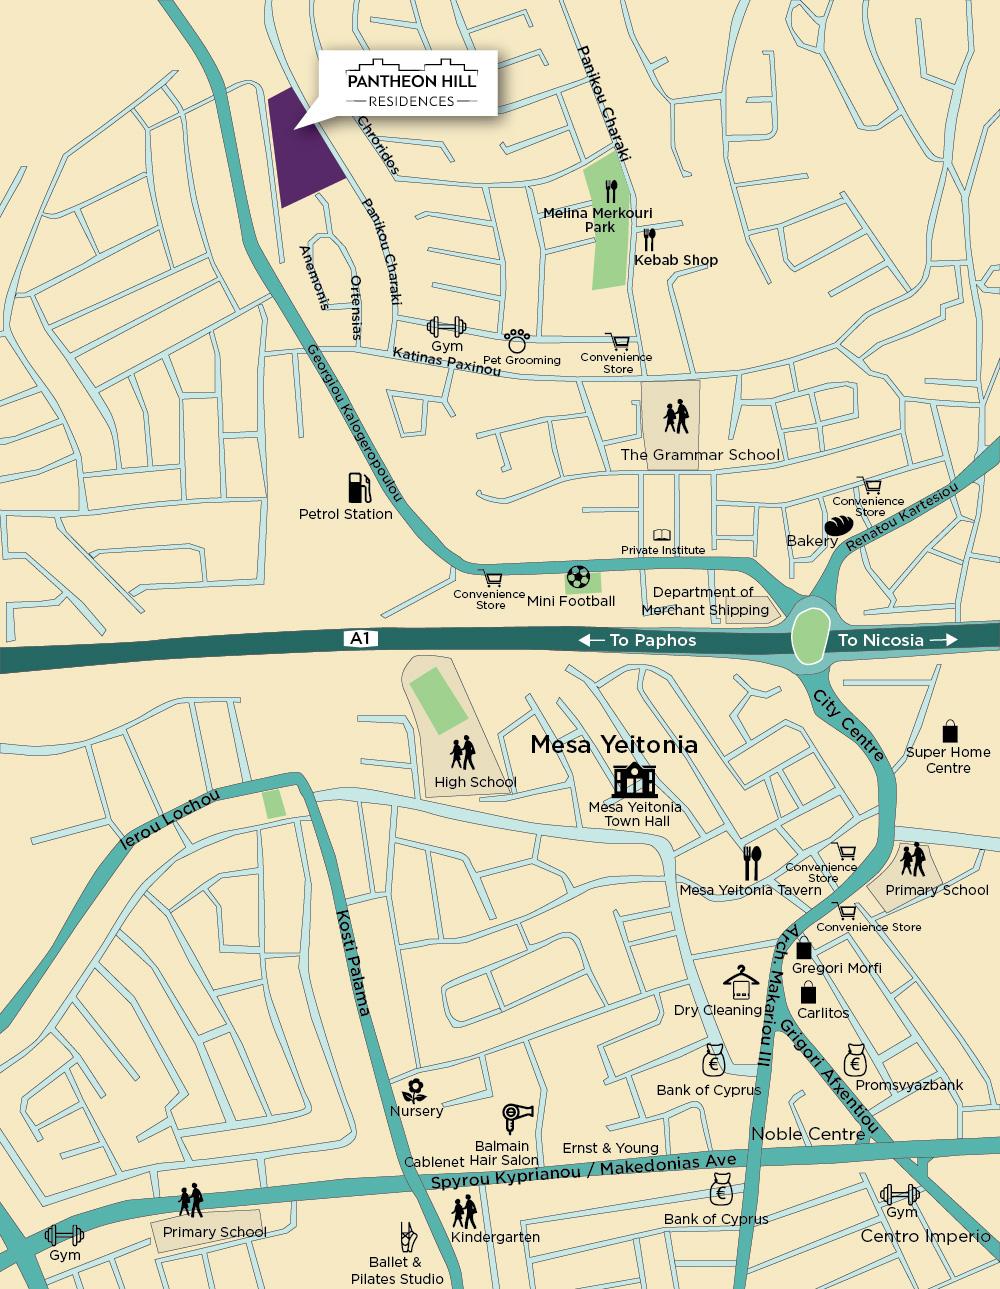 Pantheon Hill Residences Map